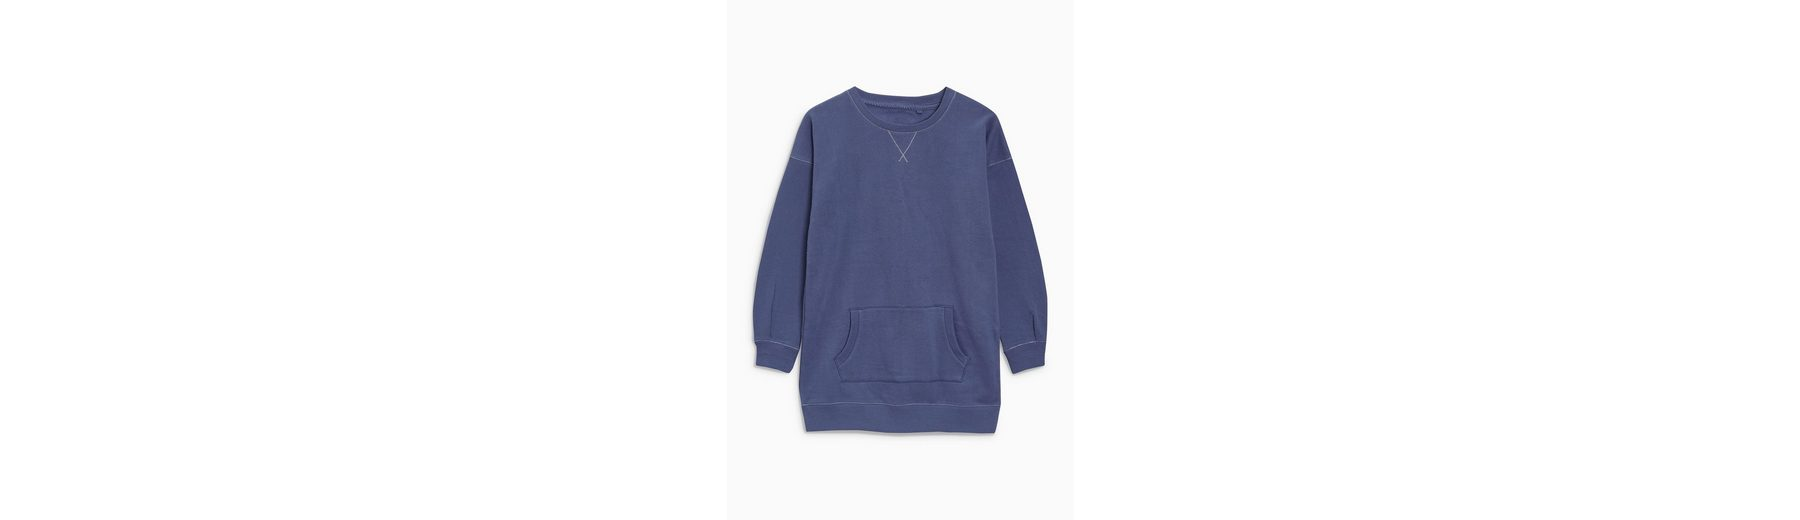 Next Pullover mit tiefem Ausschnitt Zu Verkaufen Authentische Online Kaufen Billig Verkauf Aus Deutschland Vorbestellung Günstiger Preis WLTu4Wg